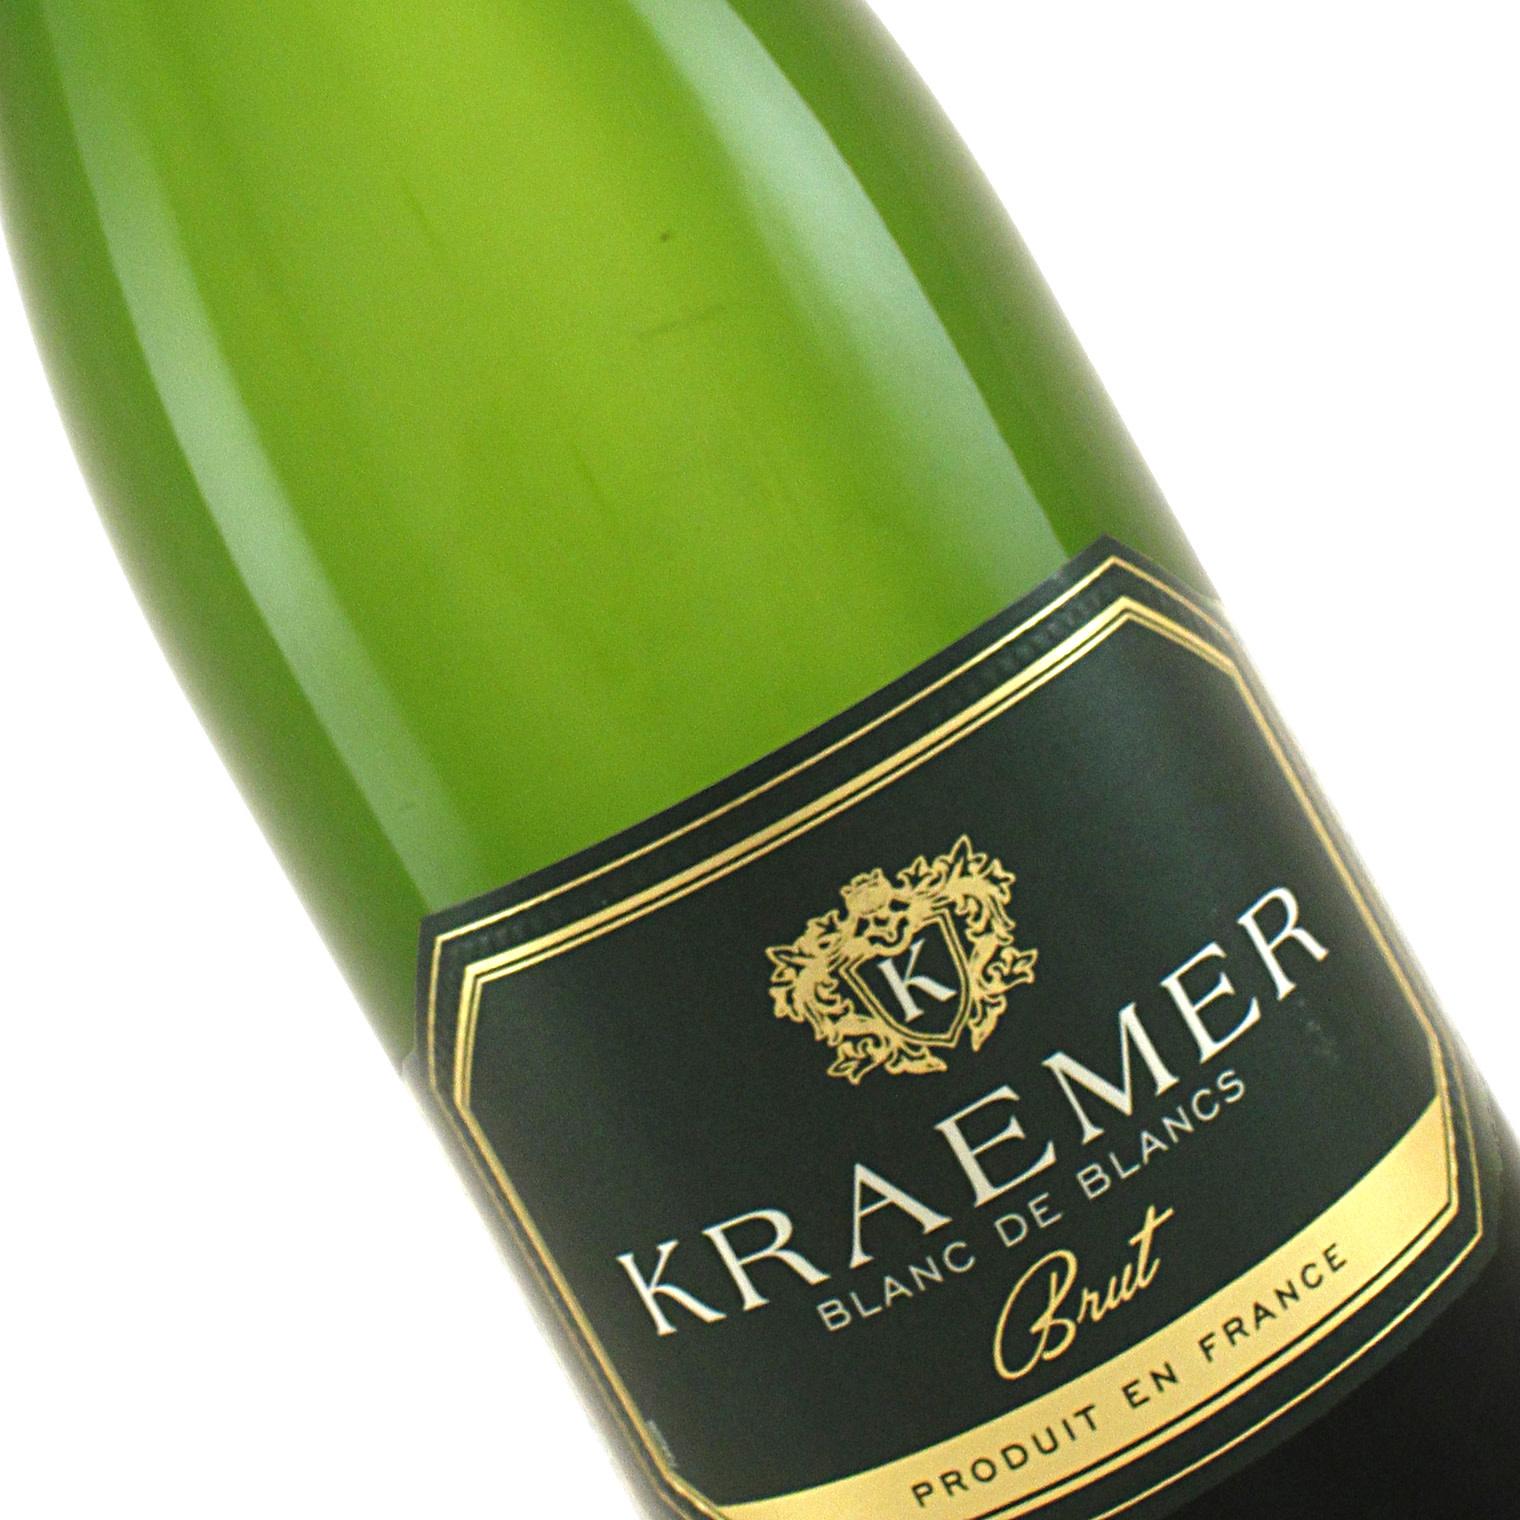 Kraemer NV Blanc de Blancs Brut Sparkling Wine, France